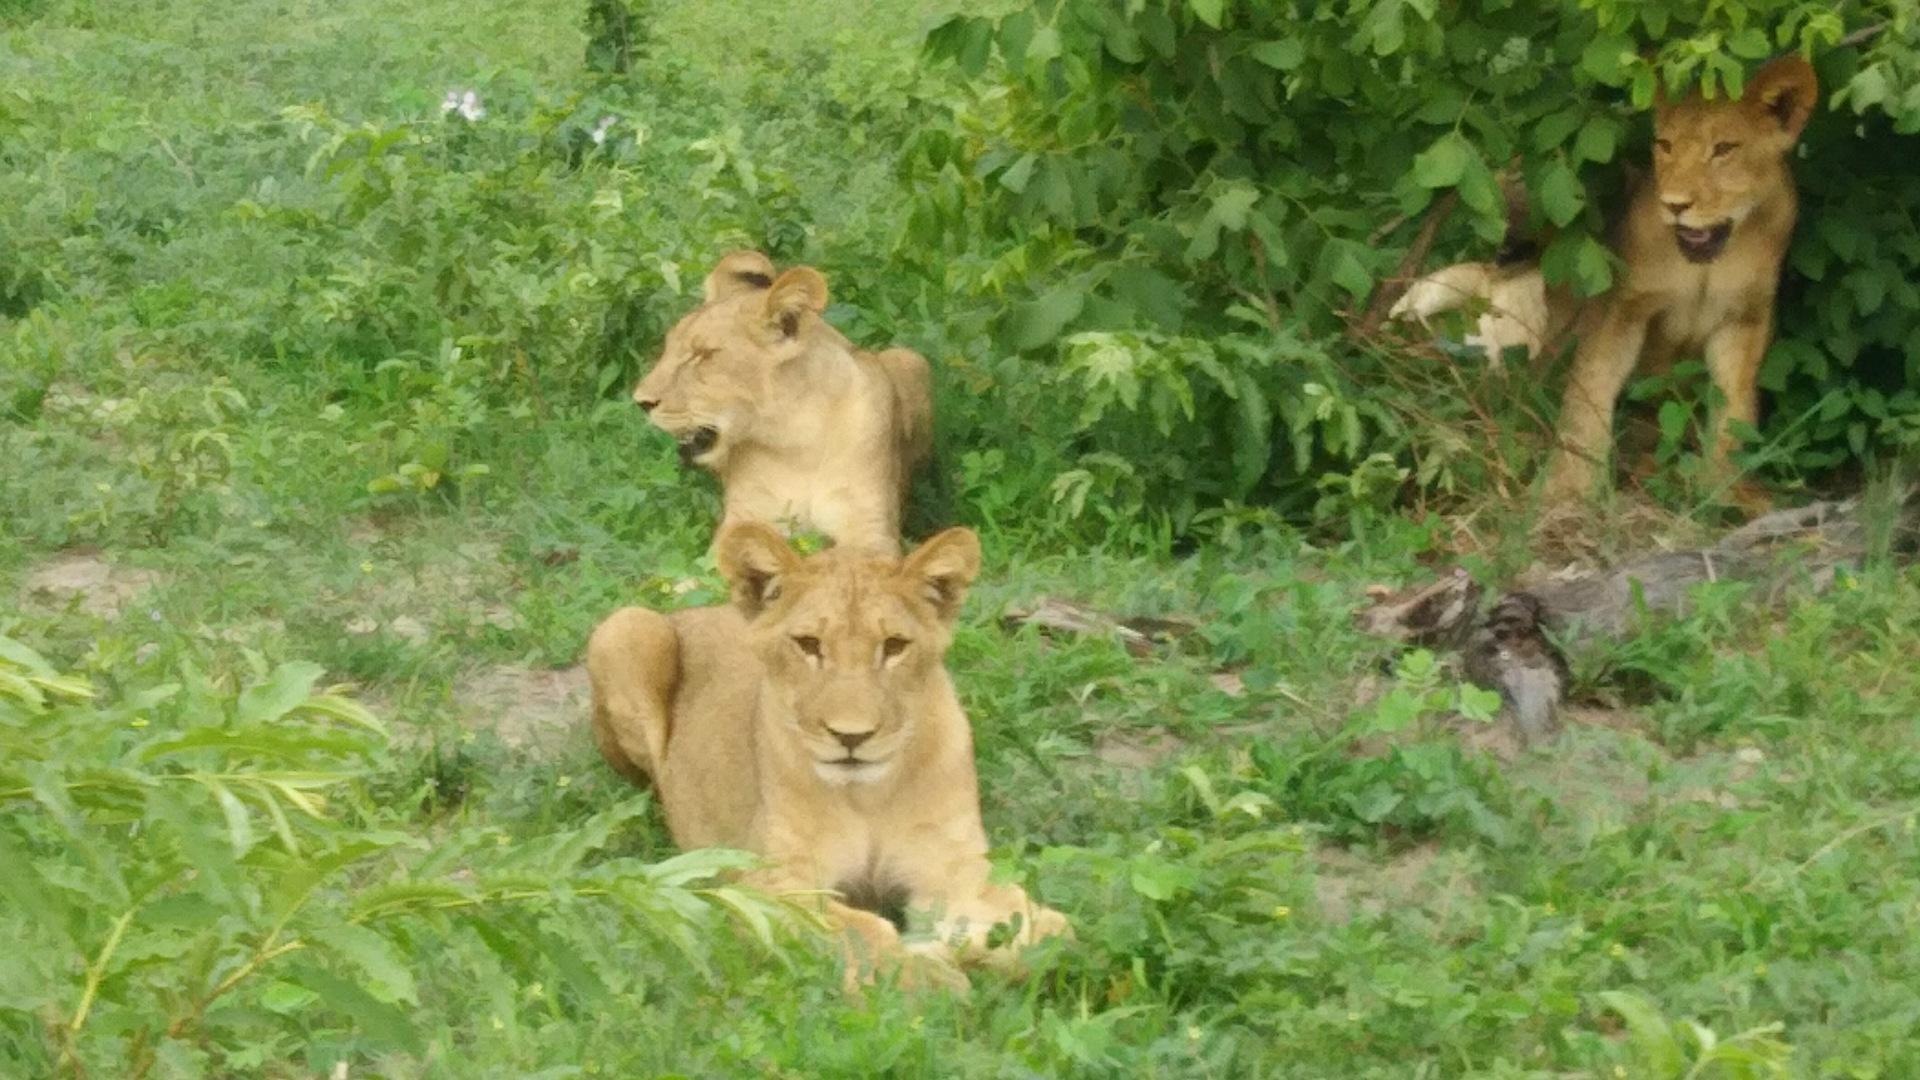 ライオン、象、バッファロー、カバ、キリン、ワニ、ガゼル、インパラ等主要なものを見ることができました。 迫力を求めるならやはり現地のロッジに泊まって早朝のゲームをしなきゃダメかなとも思いました。一泊二日のプランが日本から予約できると楽ですね。 あとはひとり旅でボートやオフロードカーは全部アメリカからの観光客と一緒でした。一緒に盛り上がるのが好きな人は良いと思います。